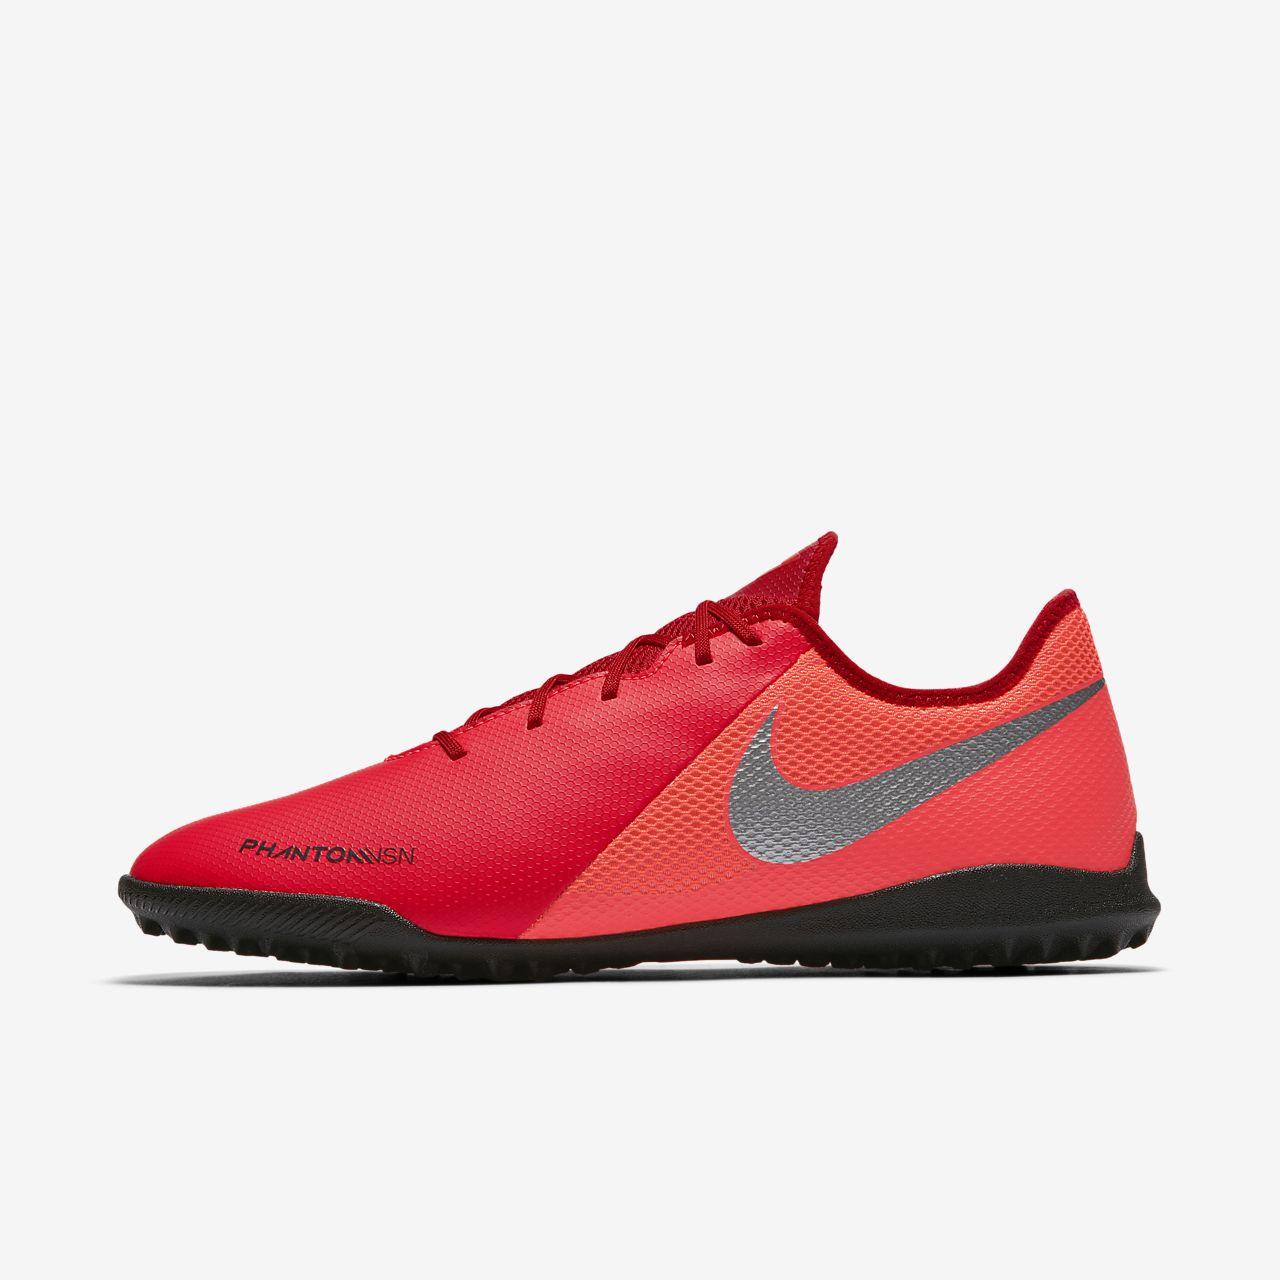 4ac475de936ba ... Nike Phantom Vision Academy Botas de fútbol para moqueta artificial -  Turf